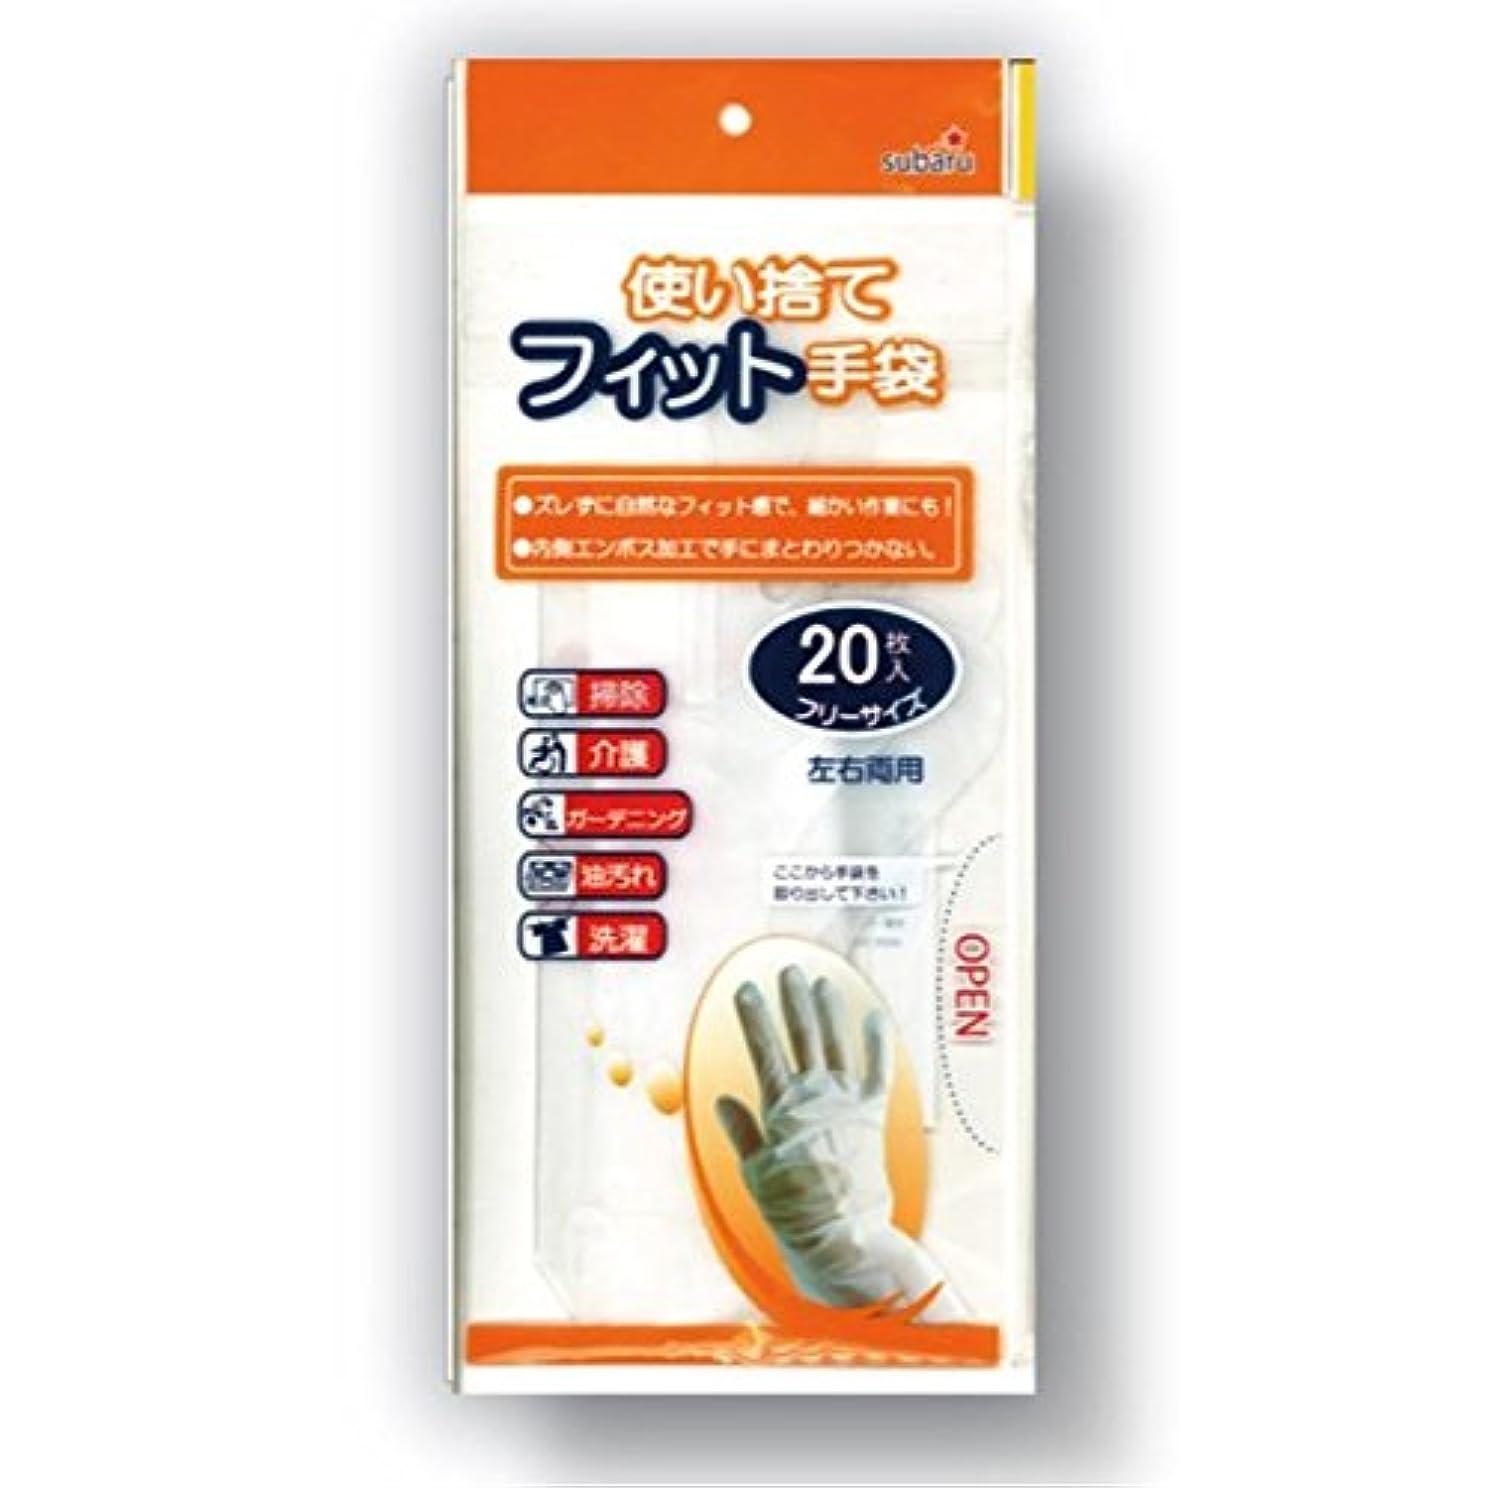 今後ロデオ柔らかい使い捨てフィット手袋フリーサイズ20枚入[12個セット] 227-19